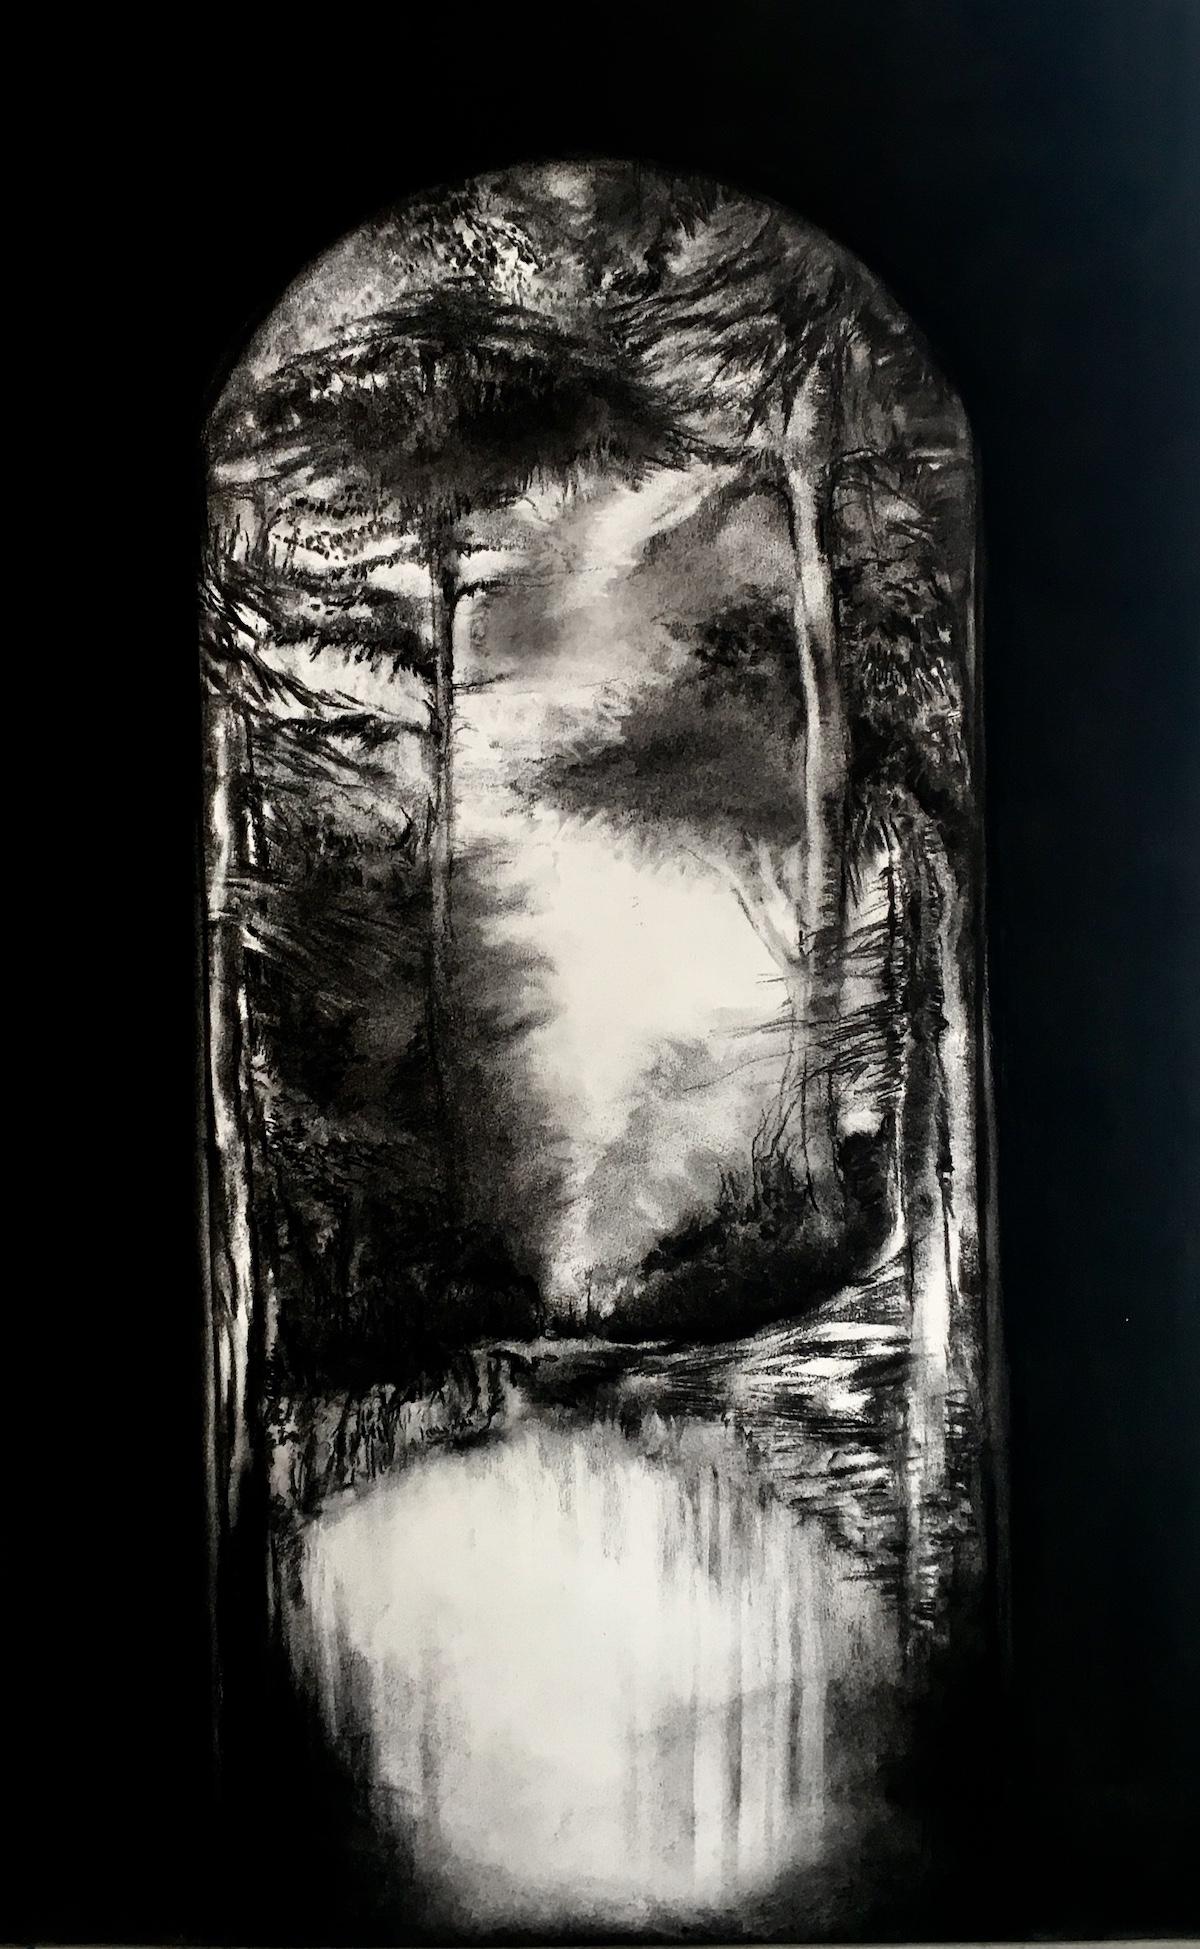 Fusain et résine sur papier - Claude Como - Paradise Lost II